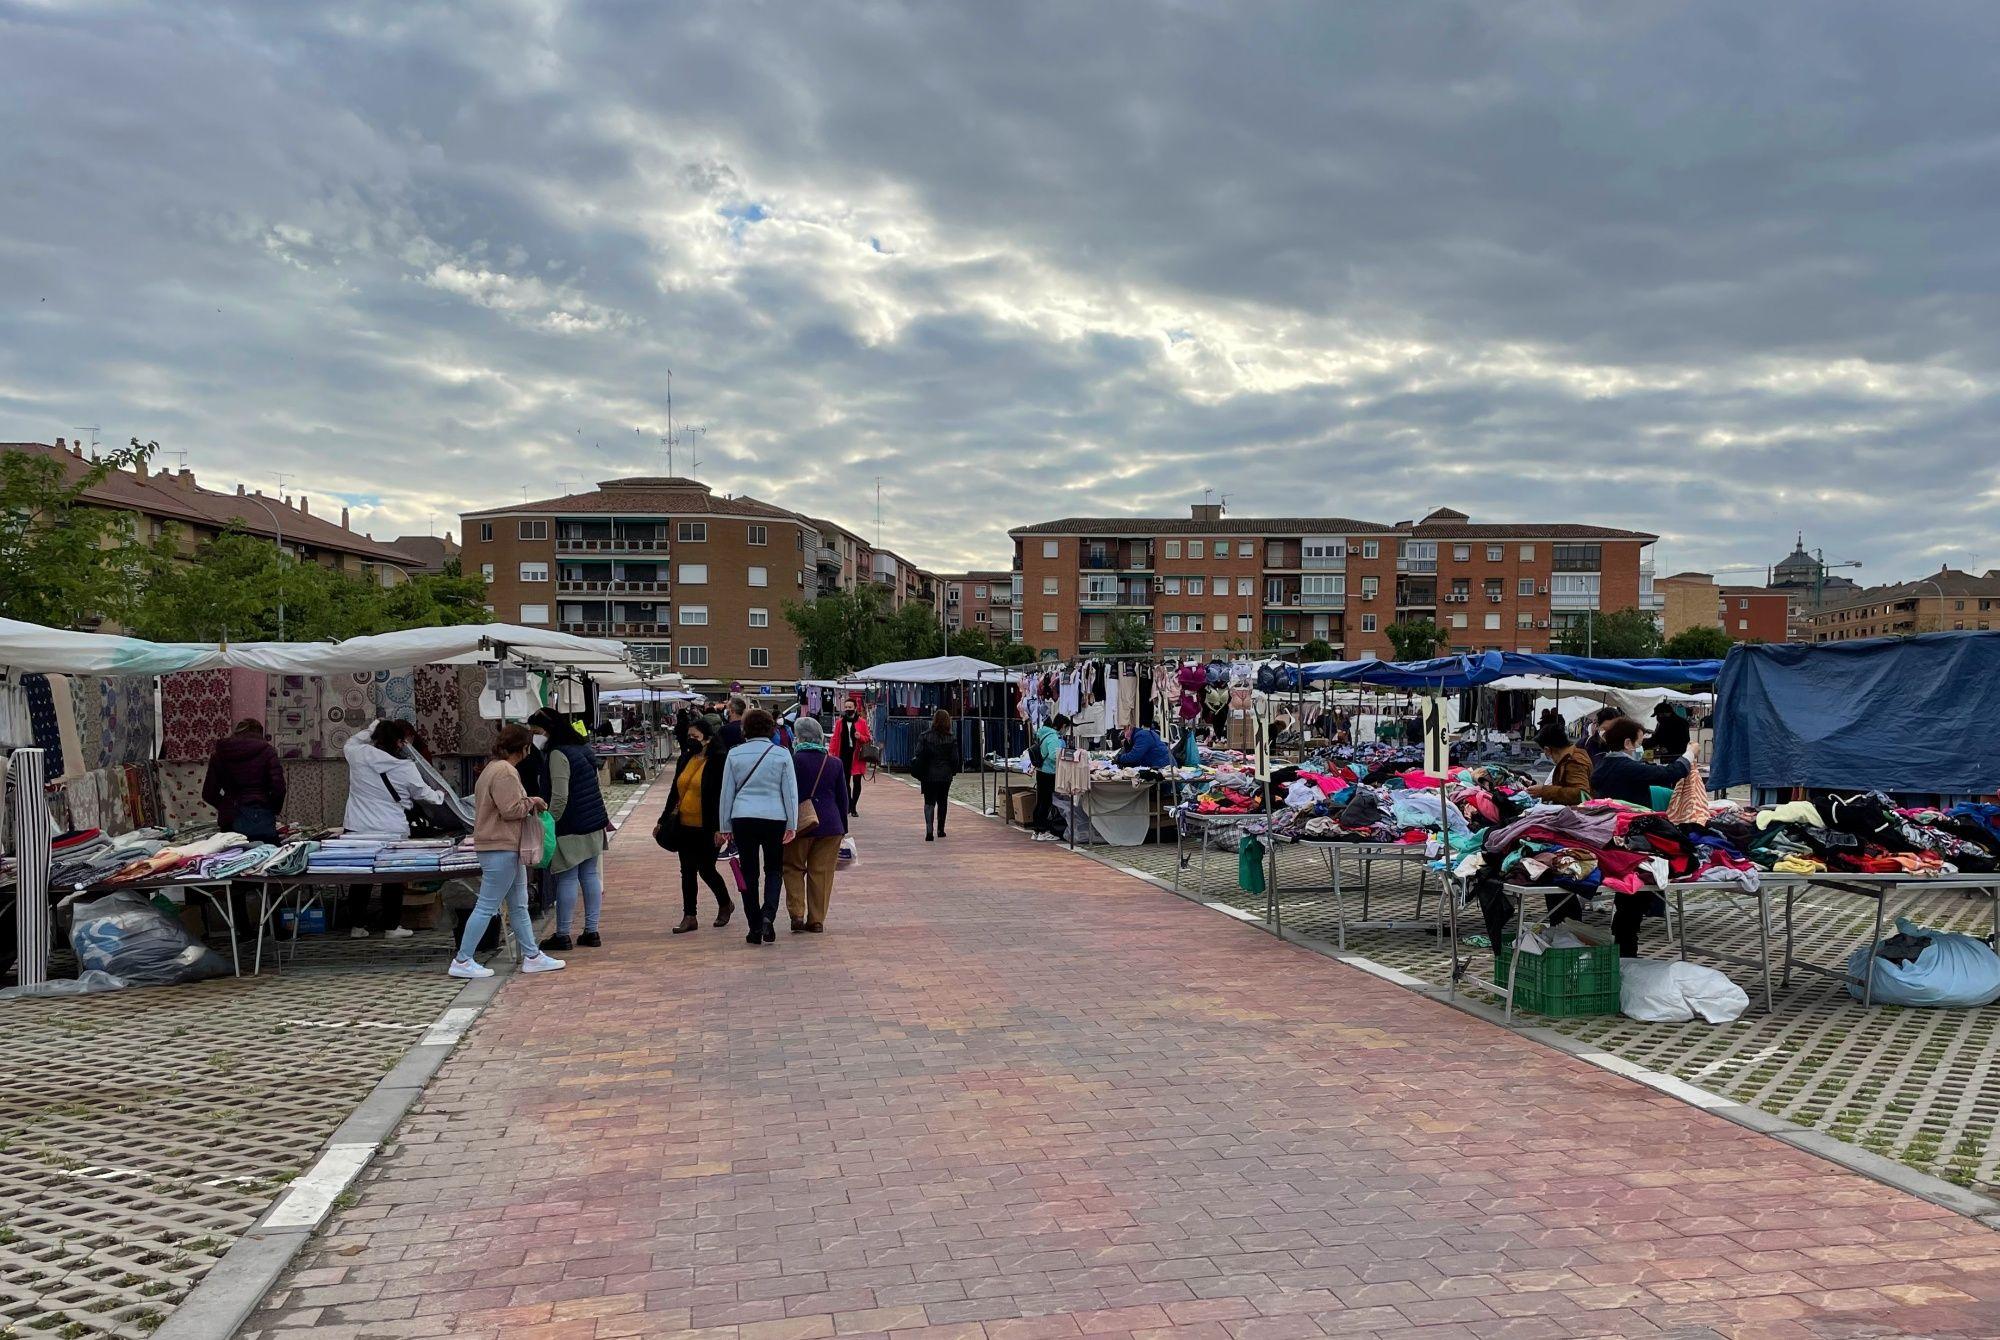 Venta de fruta y verdura, aseos públicos, más árboles y mobiliario urbano: Cs pide mejoras para dinamizar los mercadillos municipales de Toledo